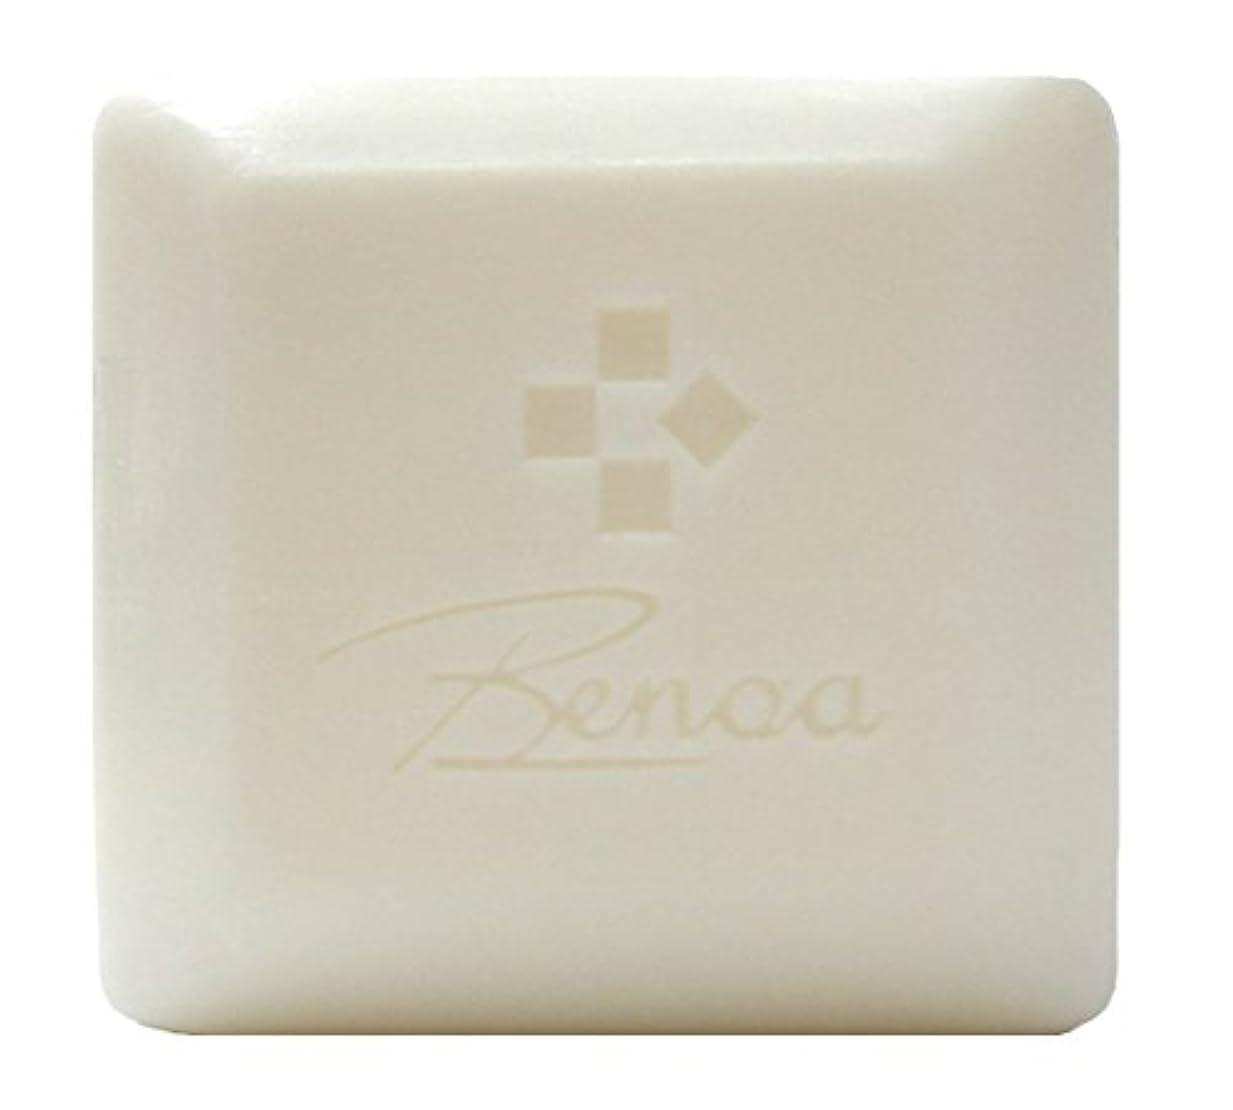 病哀れな驚いたBenoa【ベノア】ベノア・ジァパン コラーゲンソープ【石鹸】